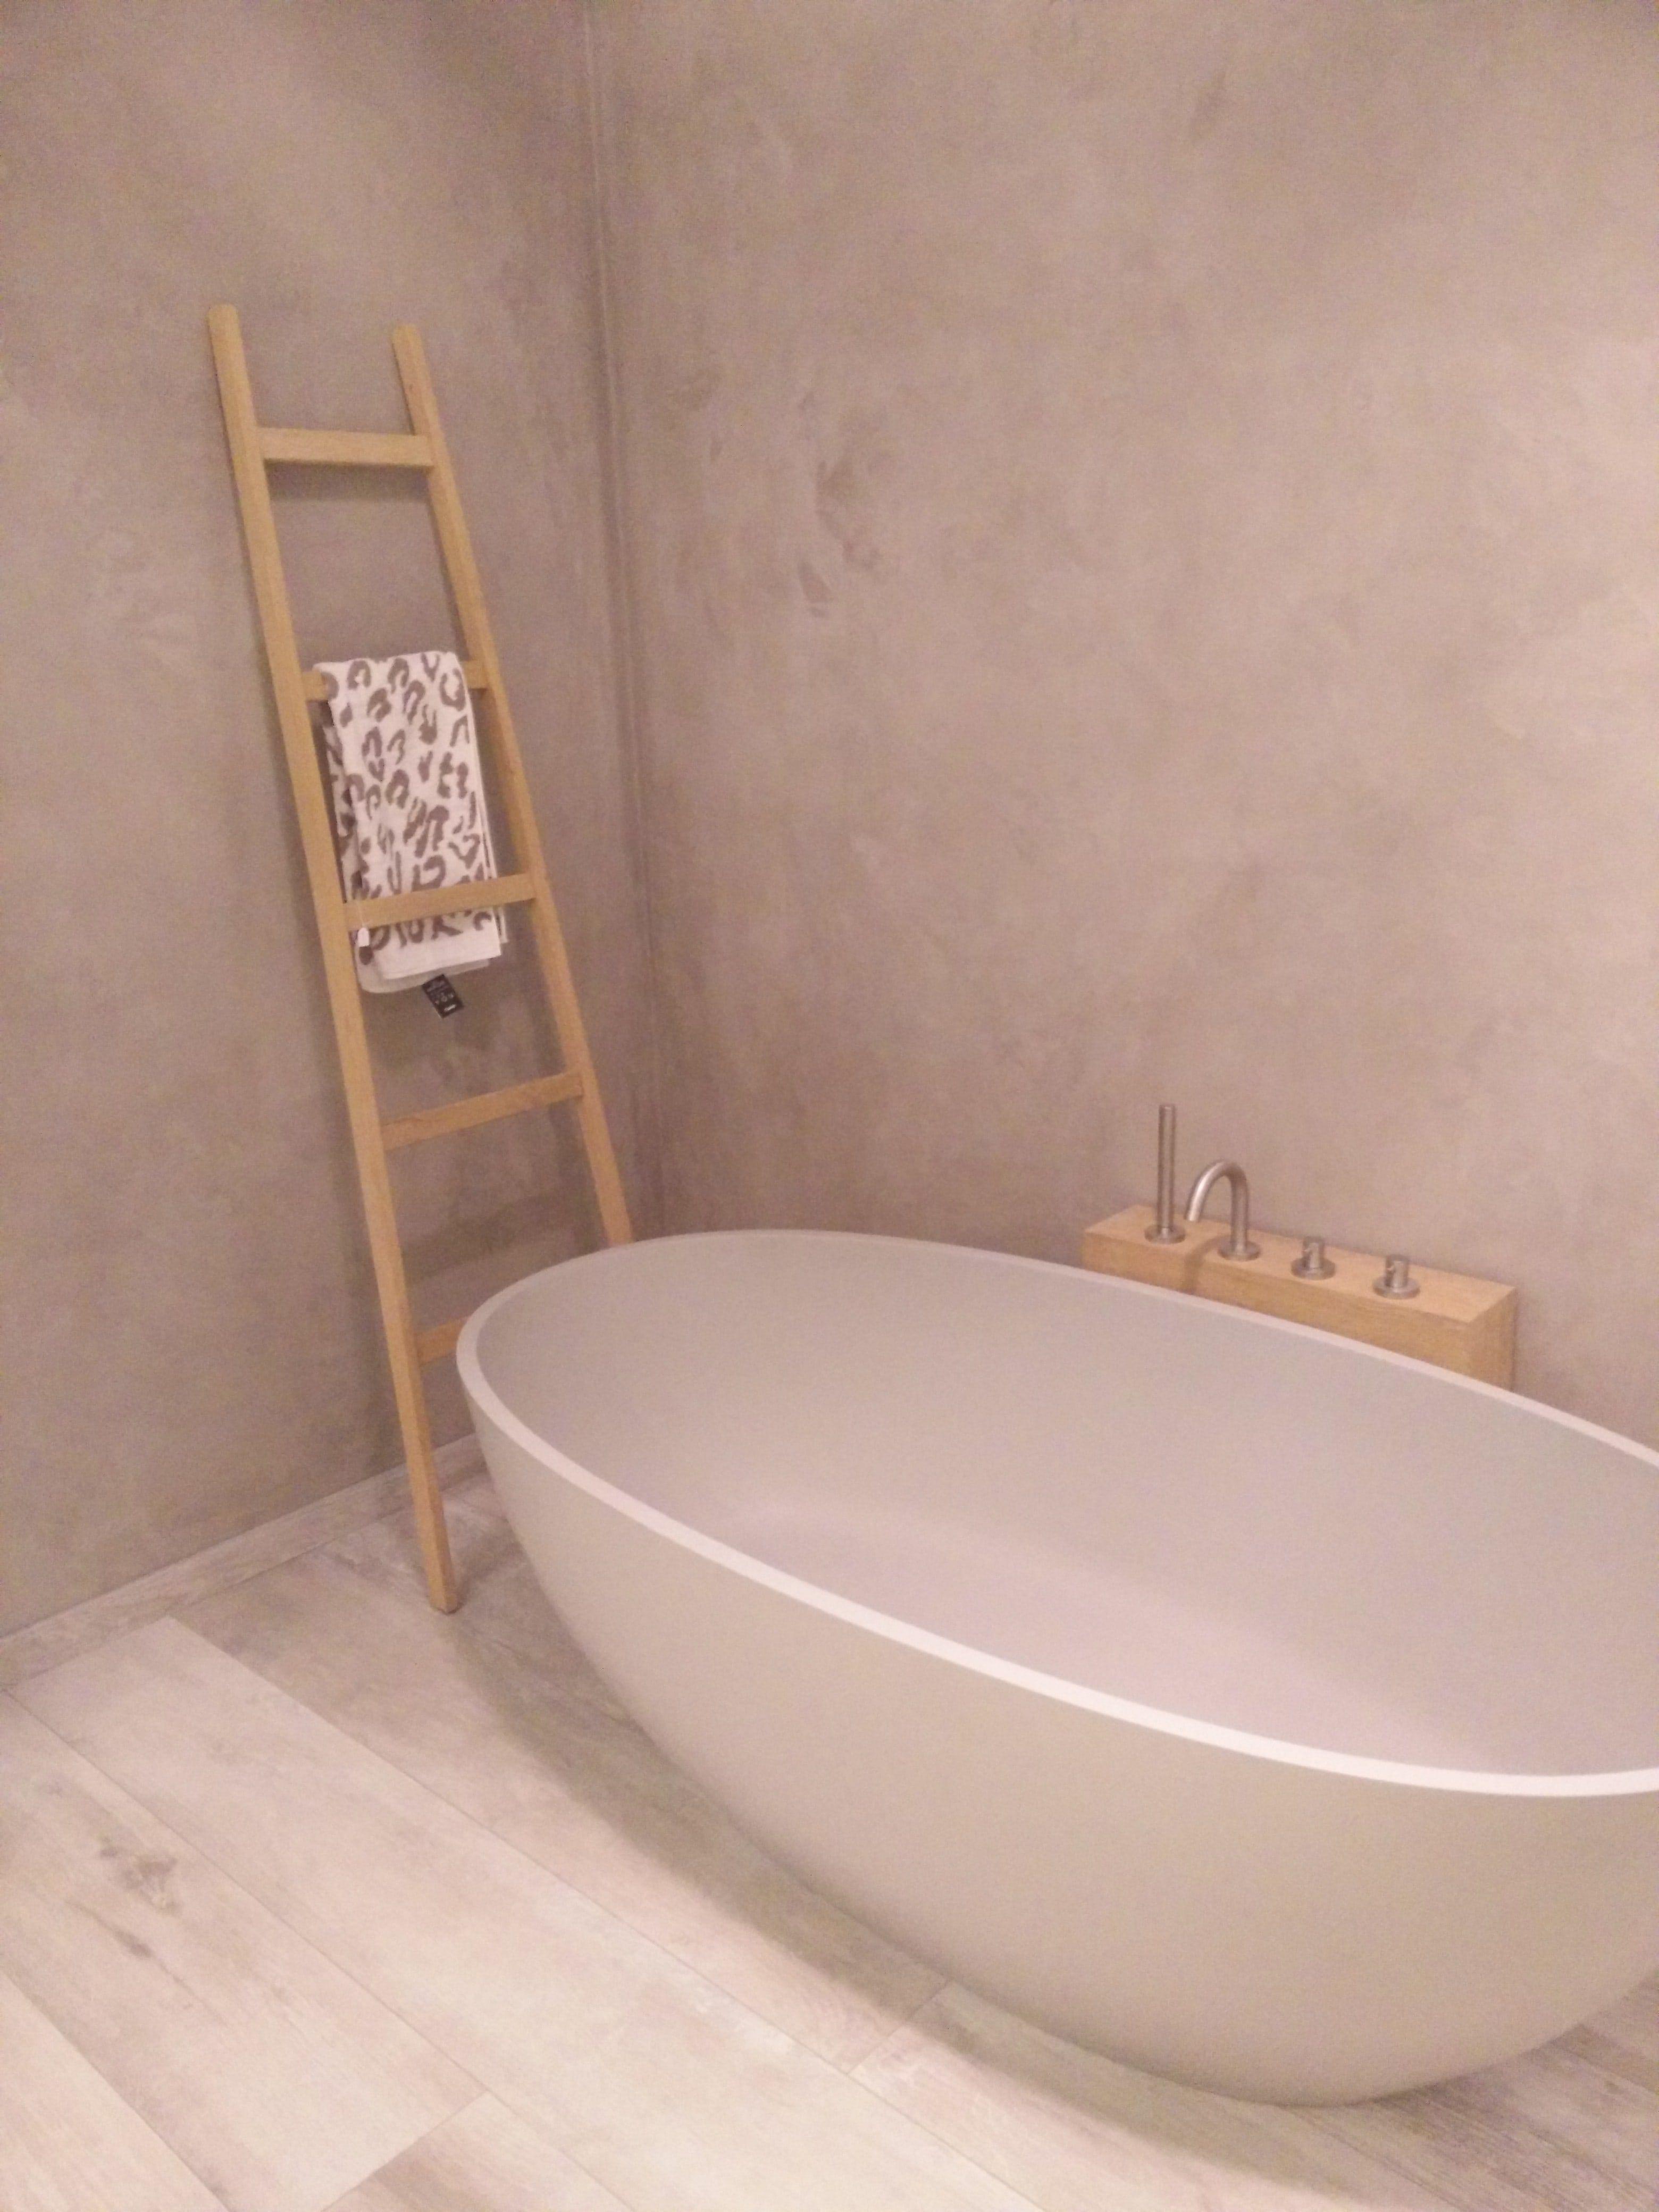 super strak modern bad in beton-look kleur! mooi voor een rustige, Wohnzimmer dekoo